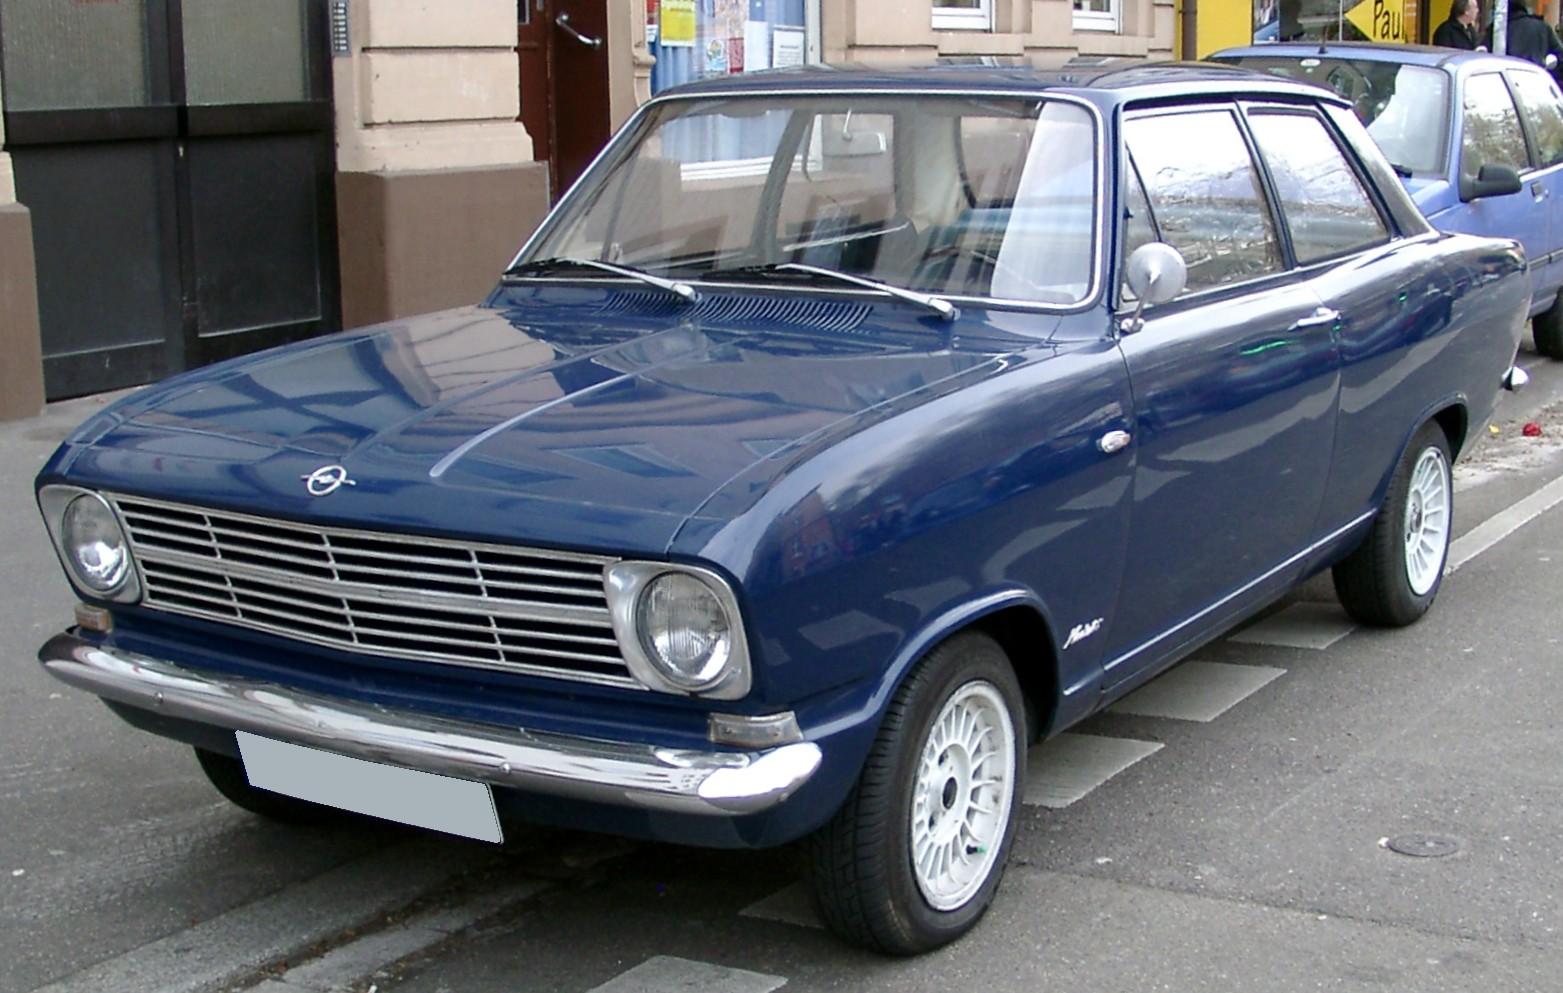 Opel Kadett B 1965 - 1973 Station wagon 3 door #5